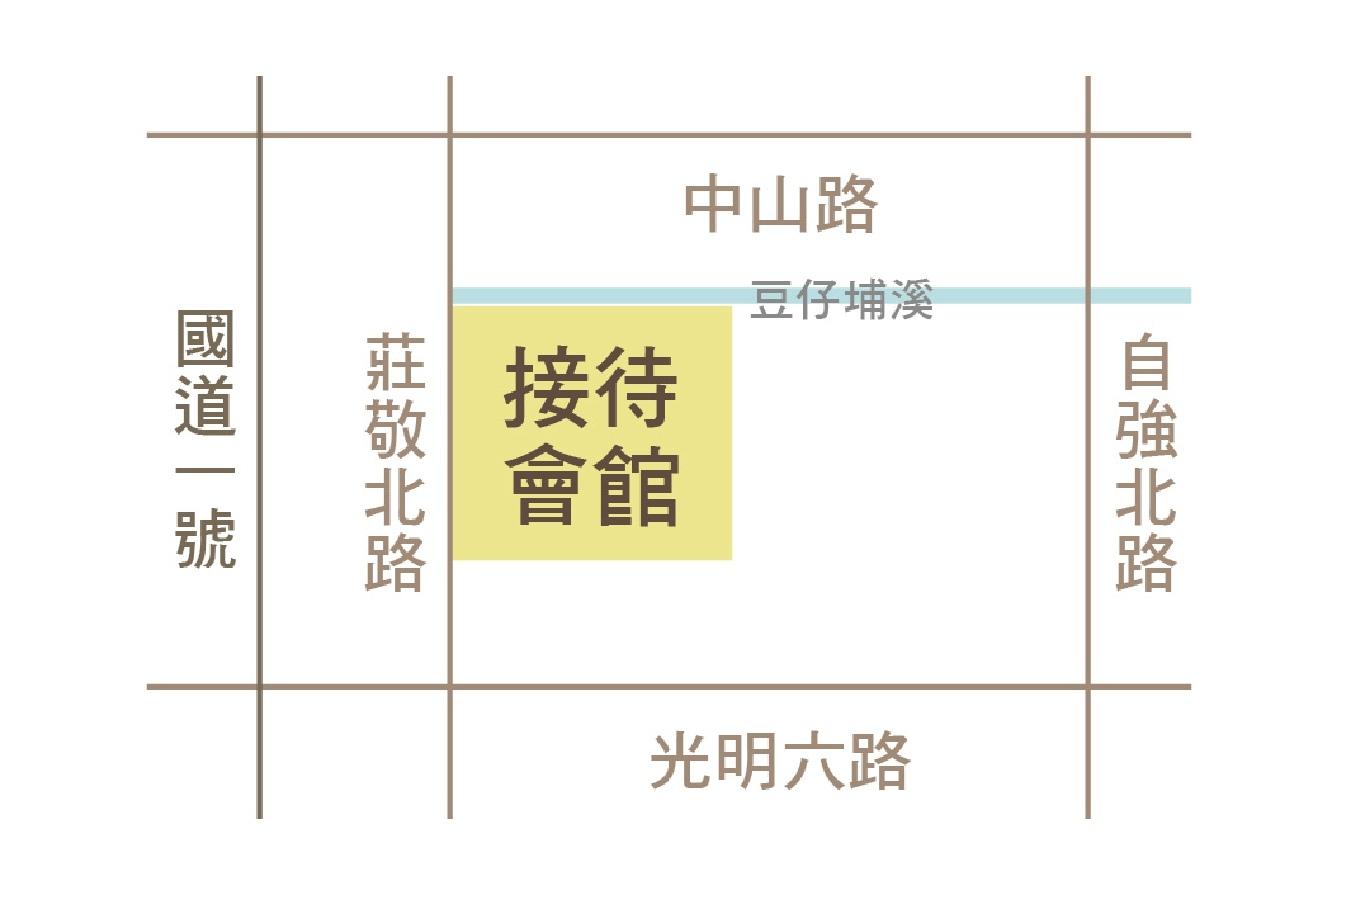 [竹北水瀧]總誼建設-四季繪(大樓)20180416-3.jpg